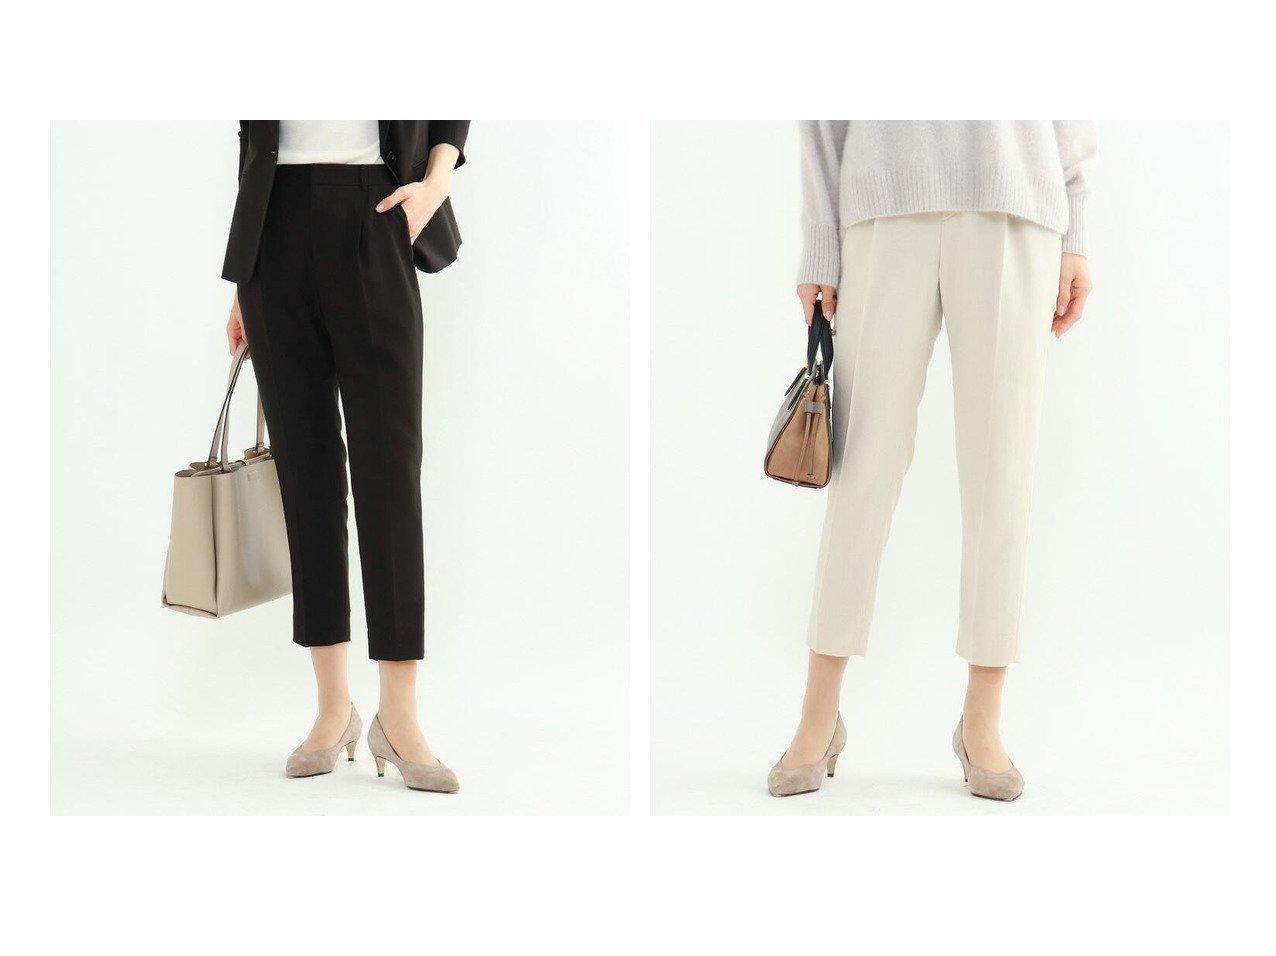 【INDIVI/インディヴィ】のエレコフツイルテーパードパンツ パンツのおすすめ!人気、トレンド・レディースファッションの通販 おすすめで人気の流行・トレンド、ファッションの通販商品 メンズファッション・キッズファッション・インテリア・家具・レディースファッション・服の通販 founy(ファニー) https://founy.com/ ファッション Fashion レディースファッション WOMEN パンツ Pants スーツ Suits スーツパンツ Pantsuit ストレッチ スーツ センター フィット フォーマル ポケット 再入荷 Restock/Back in Stock/Re Arrival 吸水 |ID:crp329100000023250